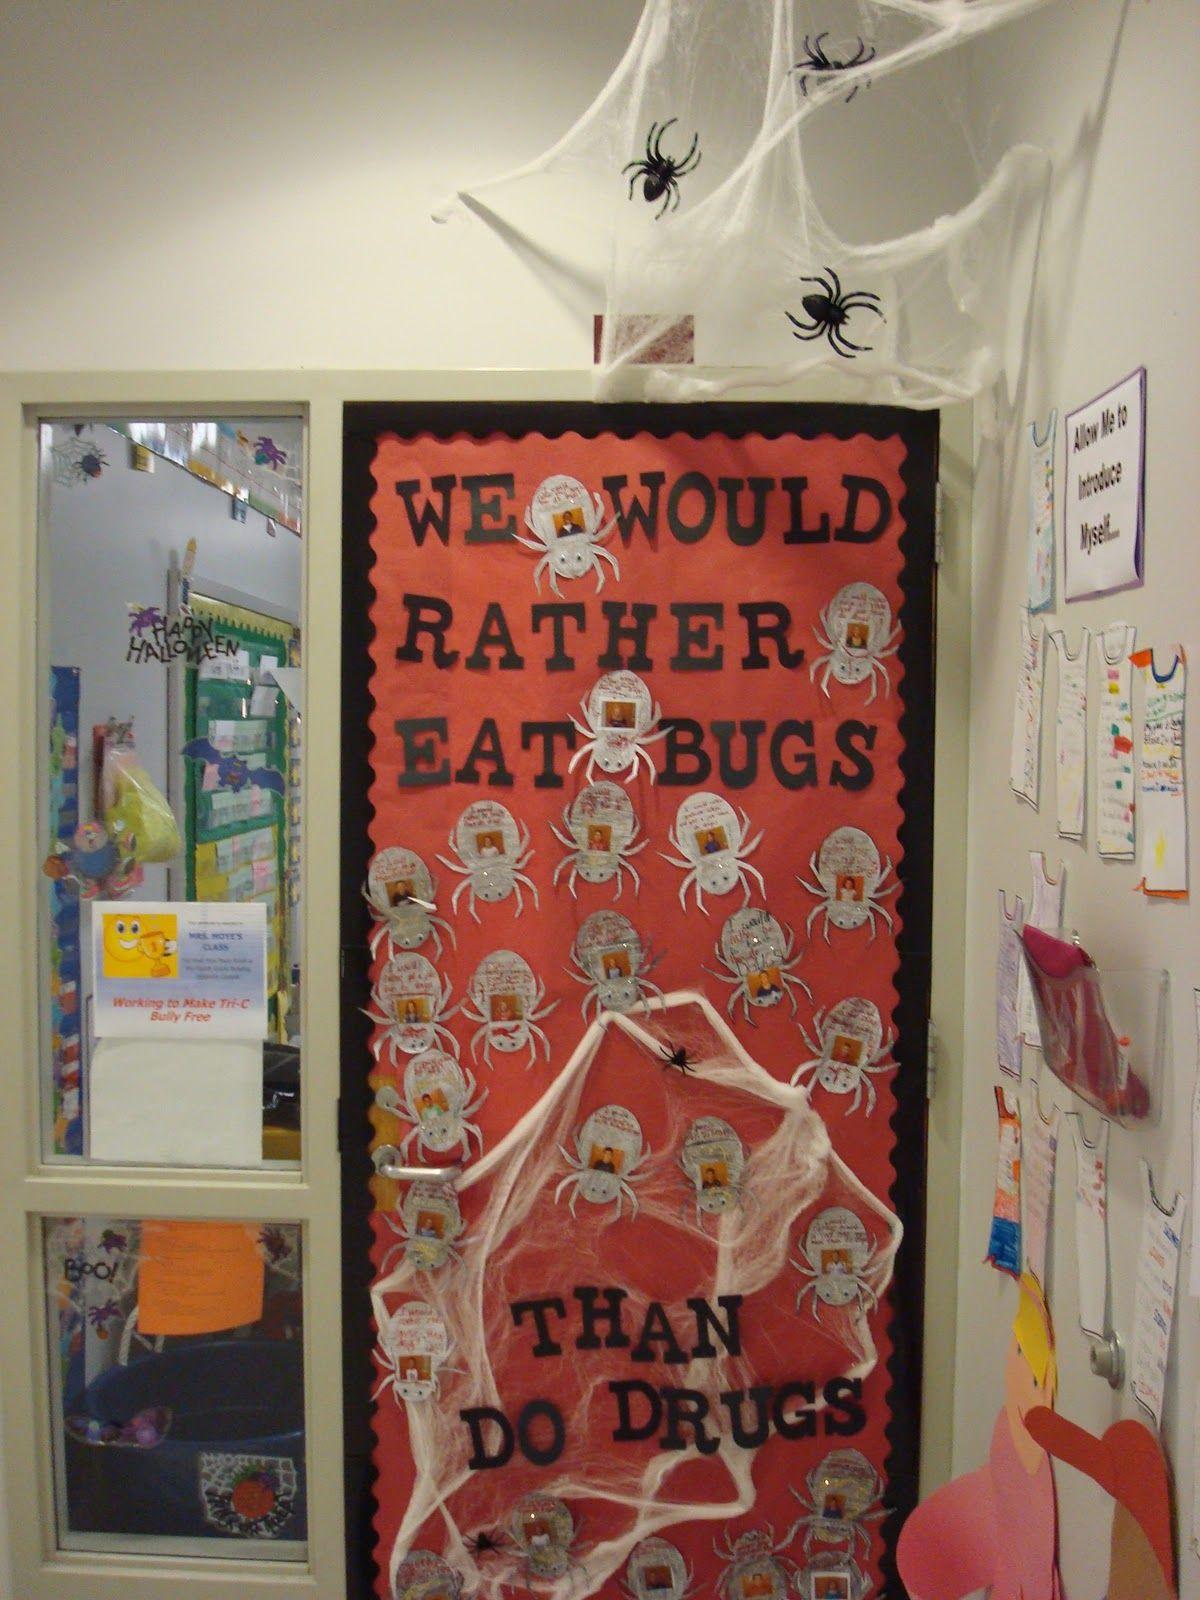 door+decorations+for+drug+free+week | Mrs. Moyeu0027s Class & door+decorations+for+drug+free+week | Mrs. Moyeu0027s Class: Door ...